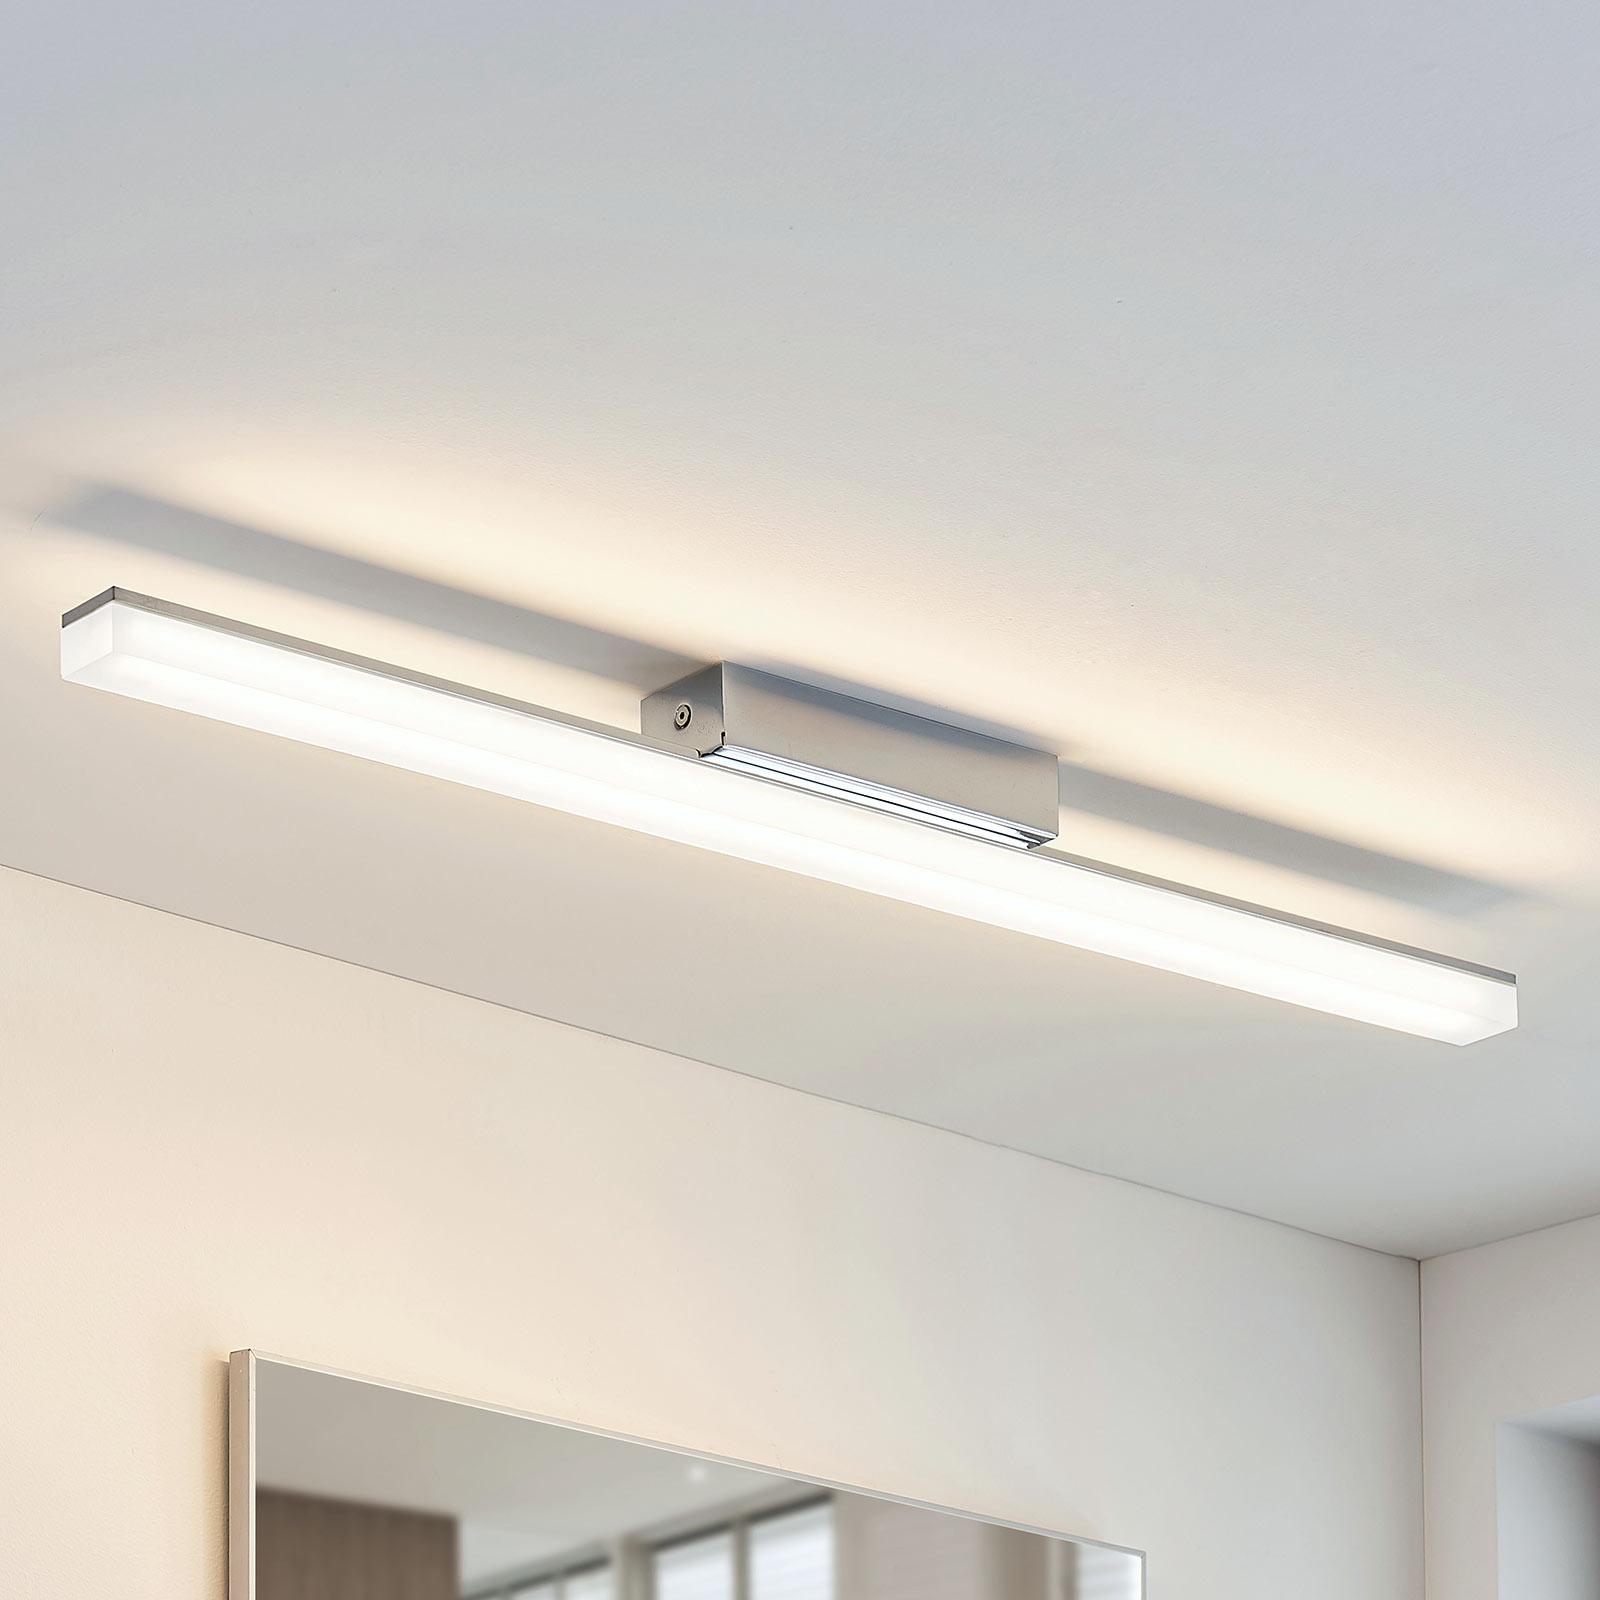 Kylpyhuoneen LED-kattolamppu Levke, IP44